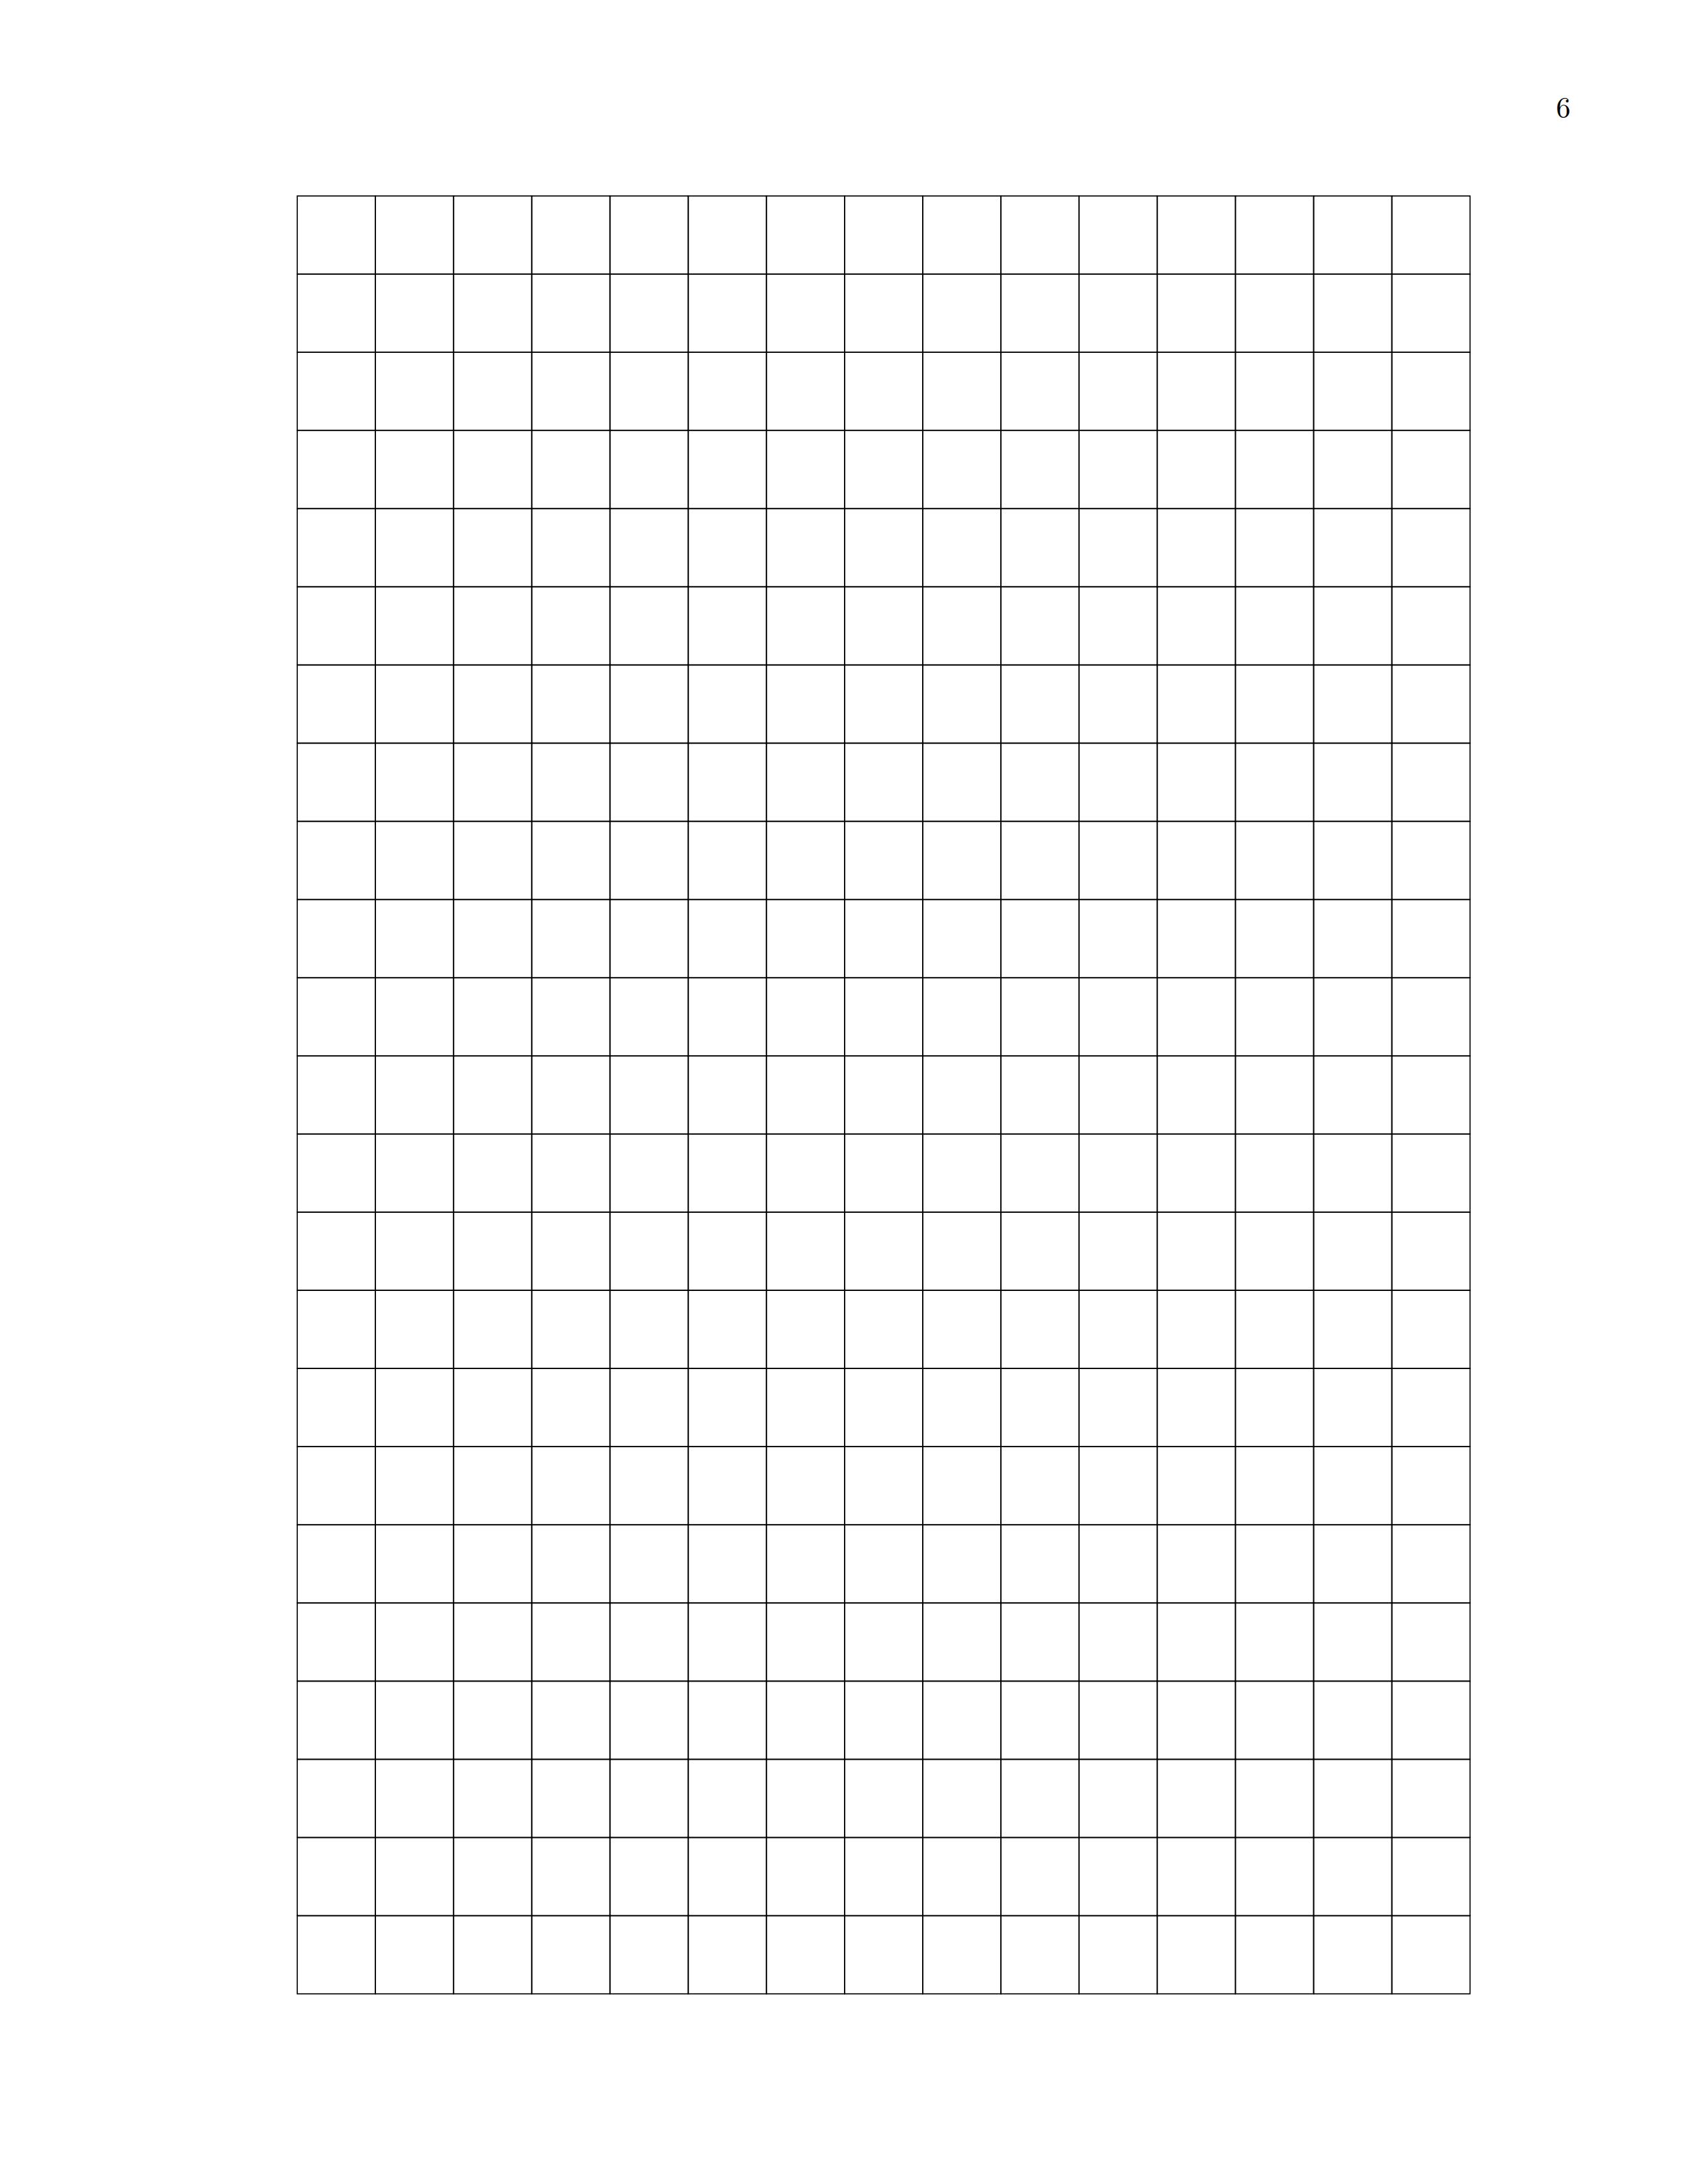 田字格米字格汉字-拼音-译文排版宏包hanzibox-l3的LaTeX3实现